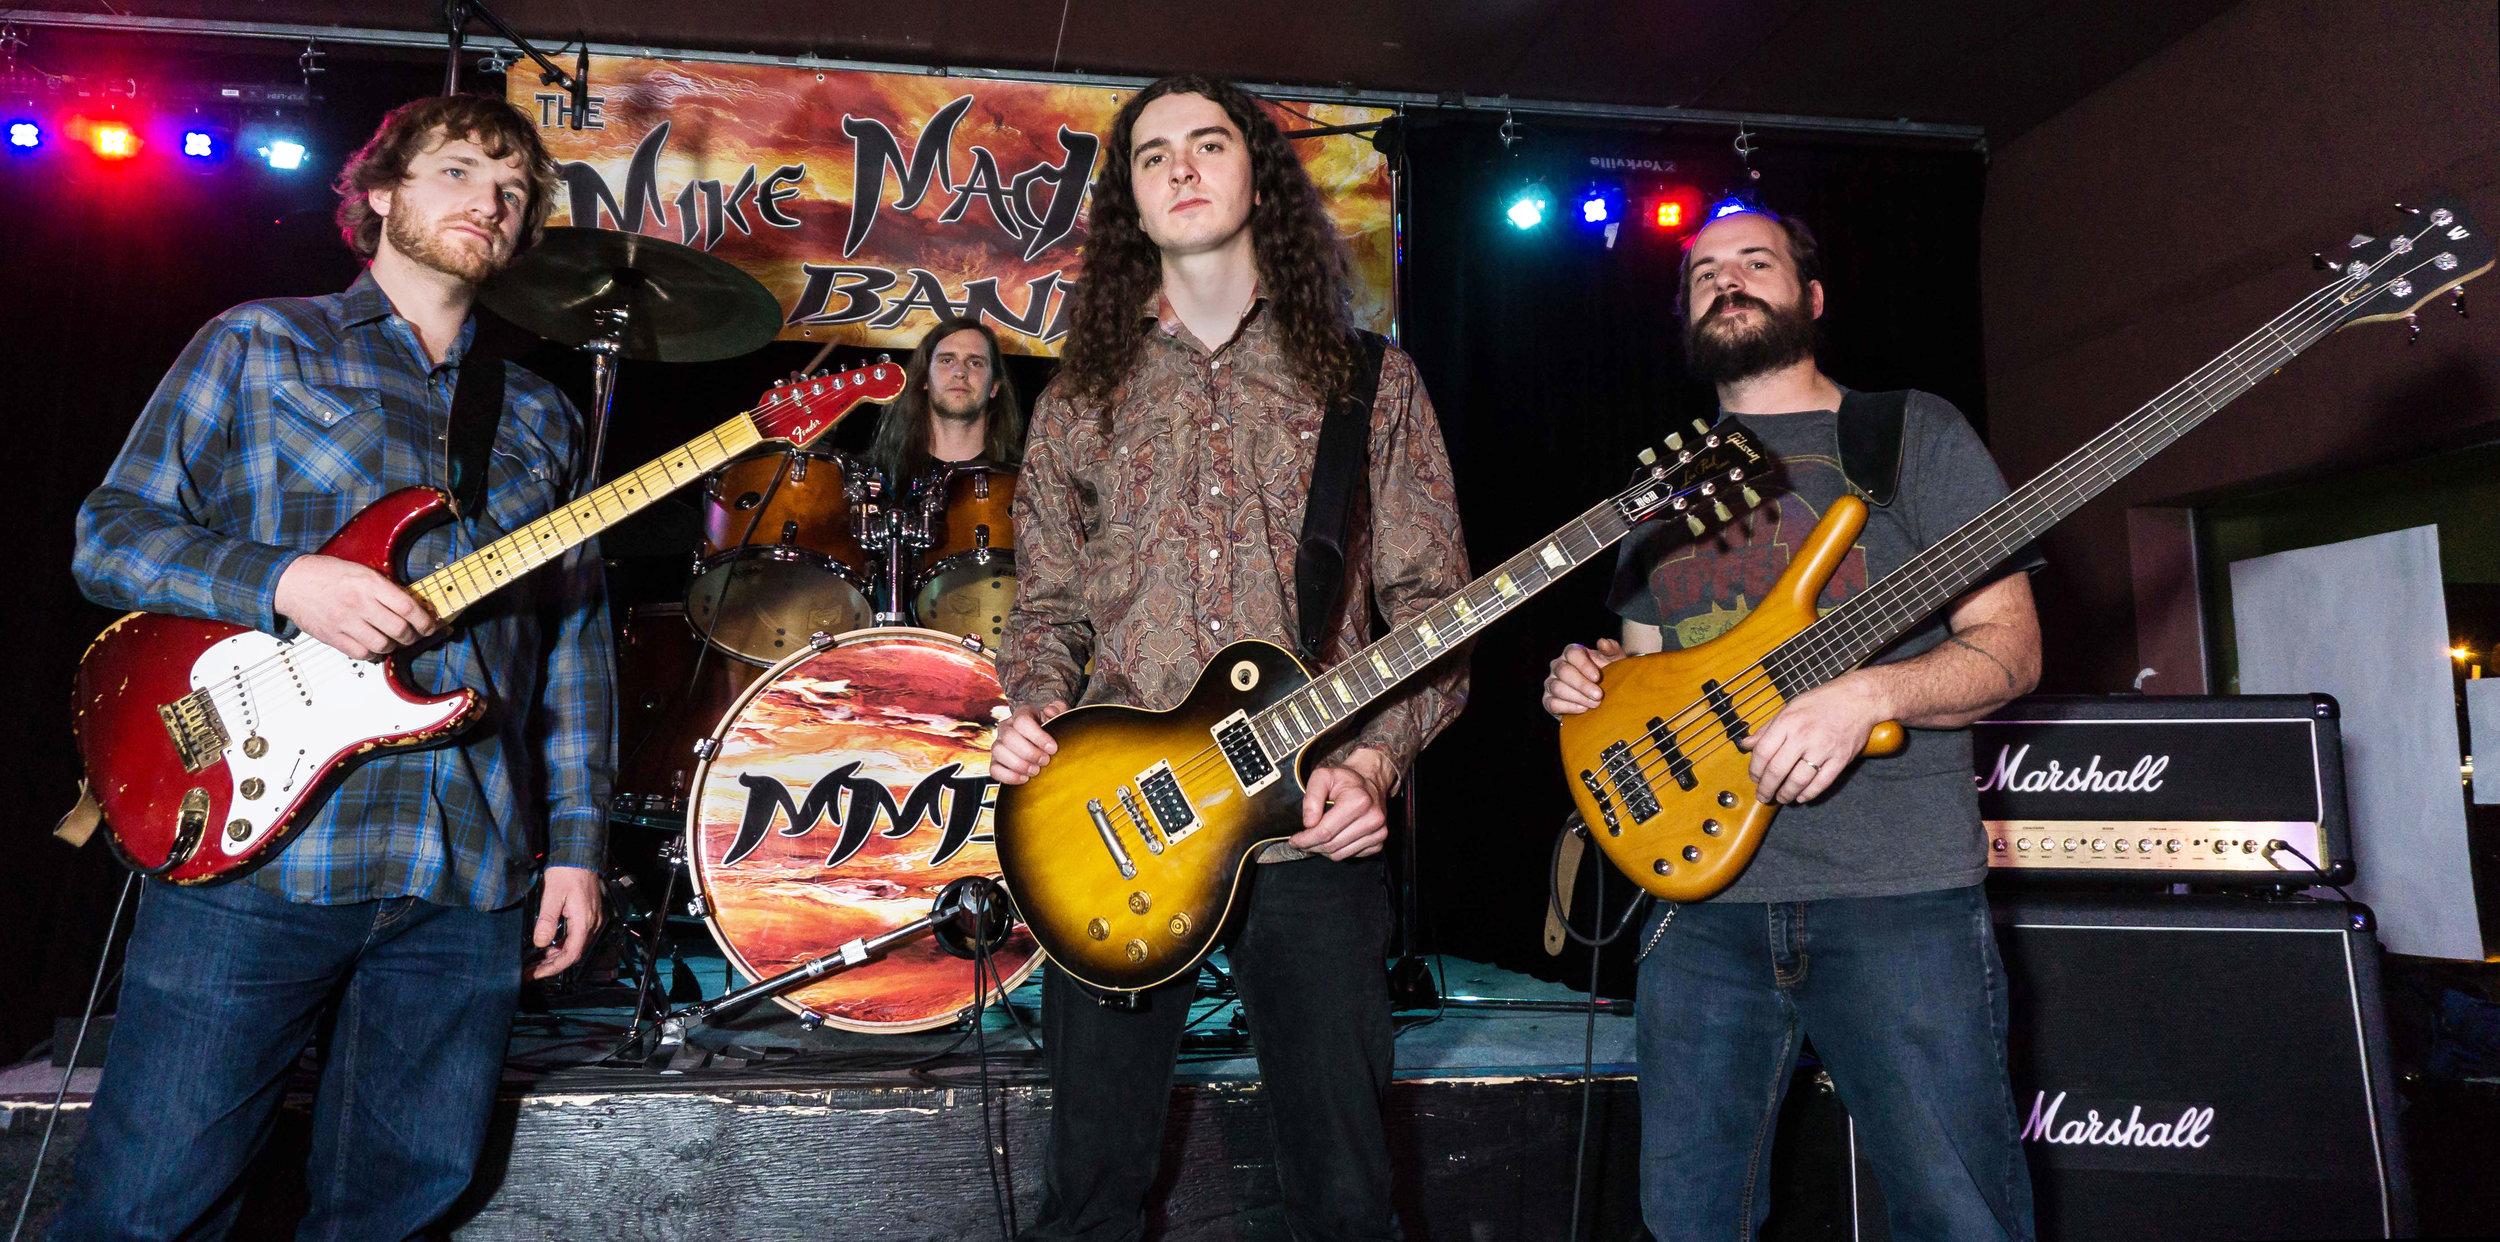 Mike-MacKenzie-Band-7.JPG